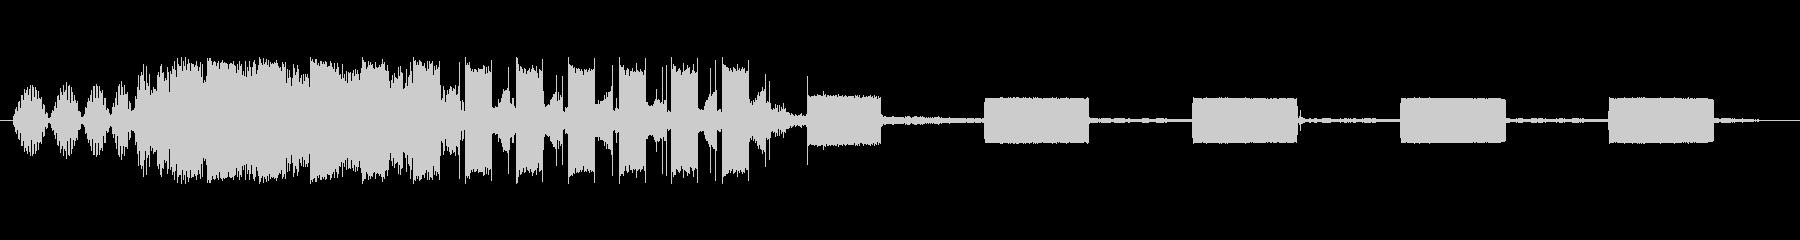 ダイヤルおよびビジー信号の未再生の波形